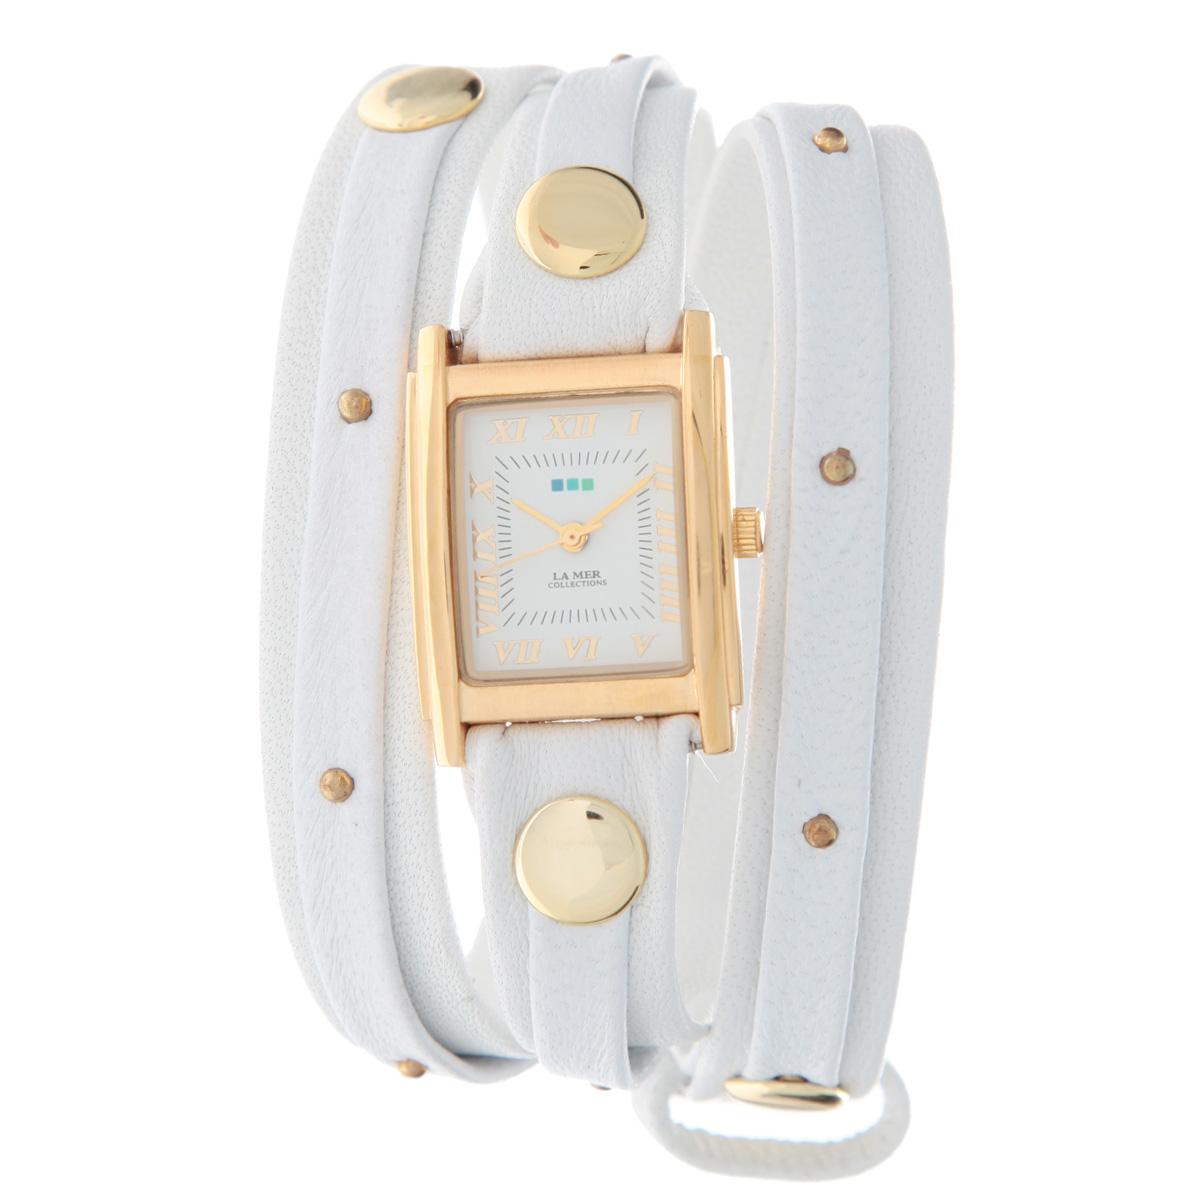 Часы наручные женские La Mer Collections Stud White Gold. LMSW1016Gold520Женские наручные часы  La Mer Collections позволят вам выделиться из толпы и подчеркнуть свою индивидуальность. Часы оснащены японским кварцевым механизмом Seiko. Ремешок двухслойный, выполнен из натуральной итальянской кожи и декорирован металлическими заклепками разных размеров. Корпус часов изготовлен из сплава металлов, золотистого цвета. Циферблат оснащен часовой, минутной и секундной стрелками и защищен минеральным стеклом, оформлен римскими цифрами и отметками.Часы застегиваются на классическую застежку. Часы хранятся на специальной подушечке в футляре из искусственной кожи, крышка которого оформлена логотипом компании La Mer Collection. Характеристики: Размер циферблата: 25 х 22 х 8 мм. Размер ремешка: 550 х 13 мм. Не содержат никель. Ширина верхнего слоя ремешка: 6 мм. Не водостойкие. Собираются вручную в США.